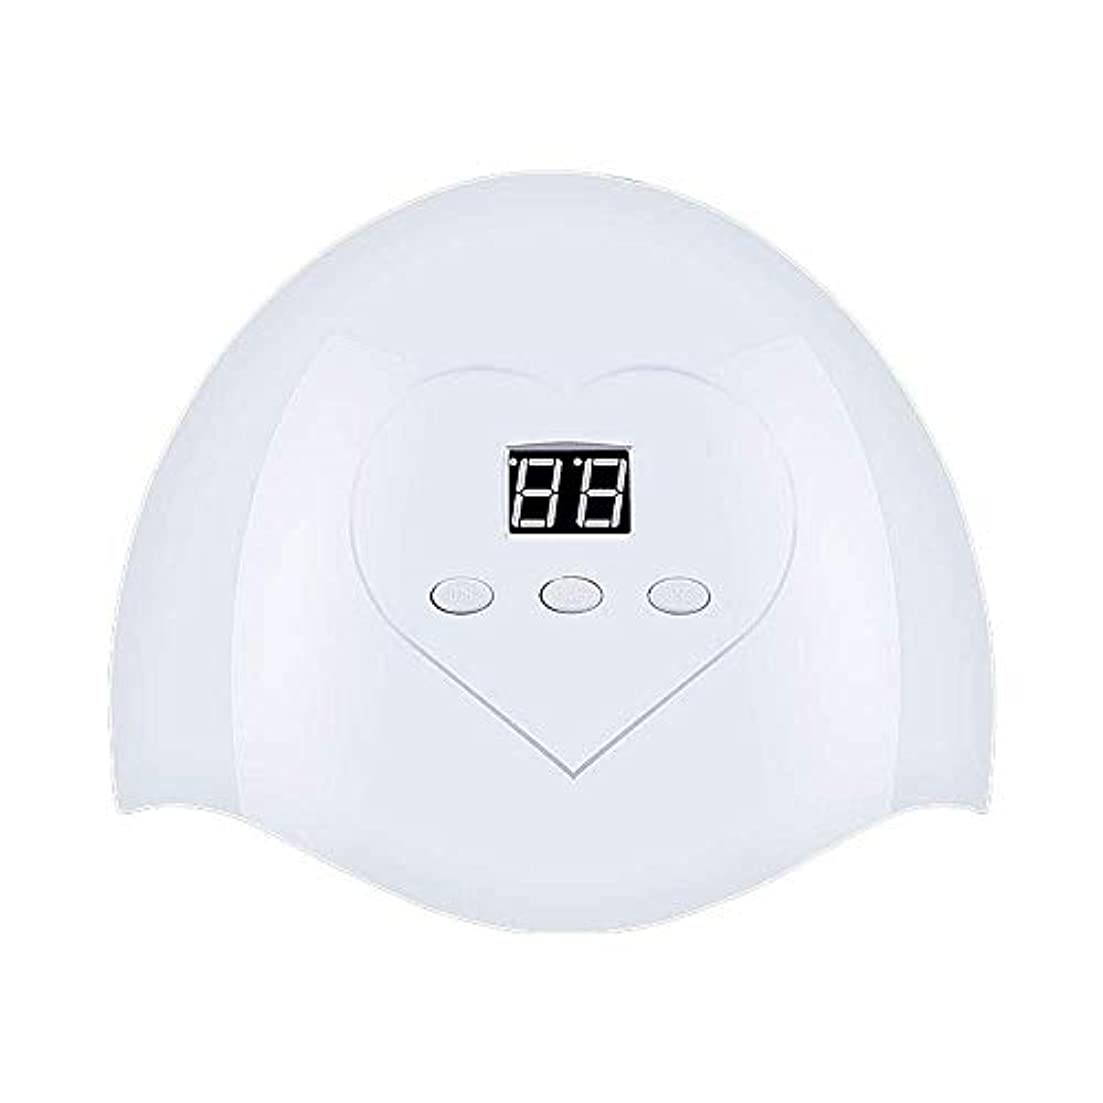 プレゼン連続的東ティモールDHINGM ネイルランプ、高速、非常にエネルギー効率と耐久性のある快適な非UVホワイトライト、いいえ瞳傷害、36W、12 UV + LEDデュアルLED光源、インテリジェントオートセンシング(なしスイッチ)、